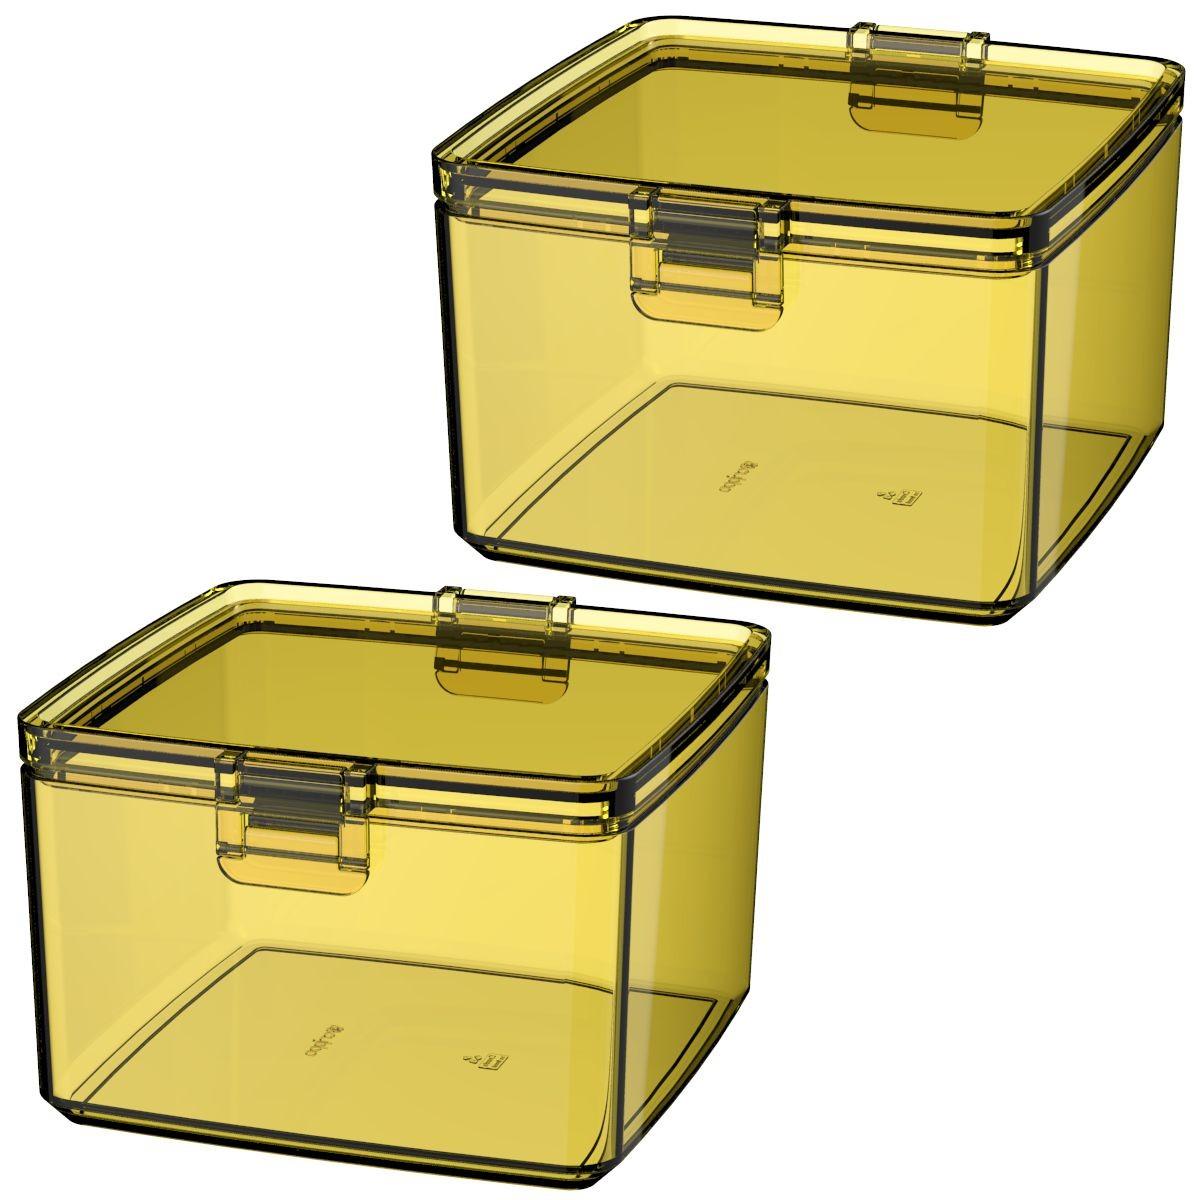 Pote Plástico Com Tampa Hermética 0,75 Litros 2 Peças - Cores